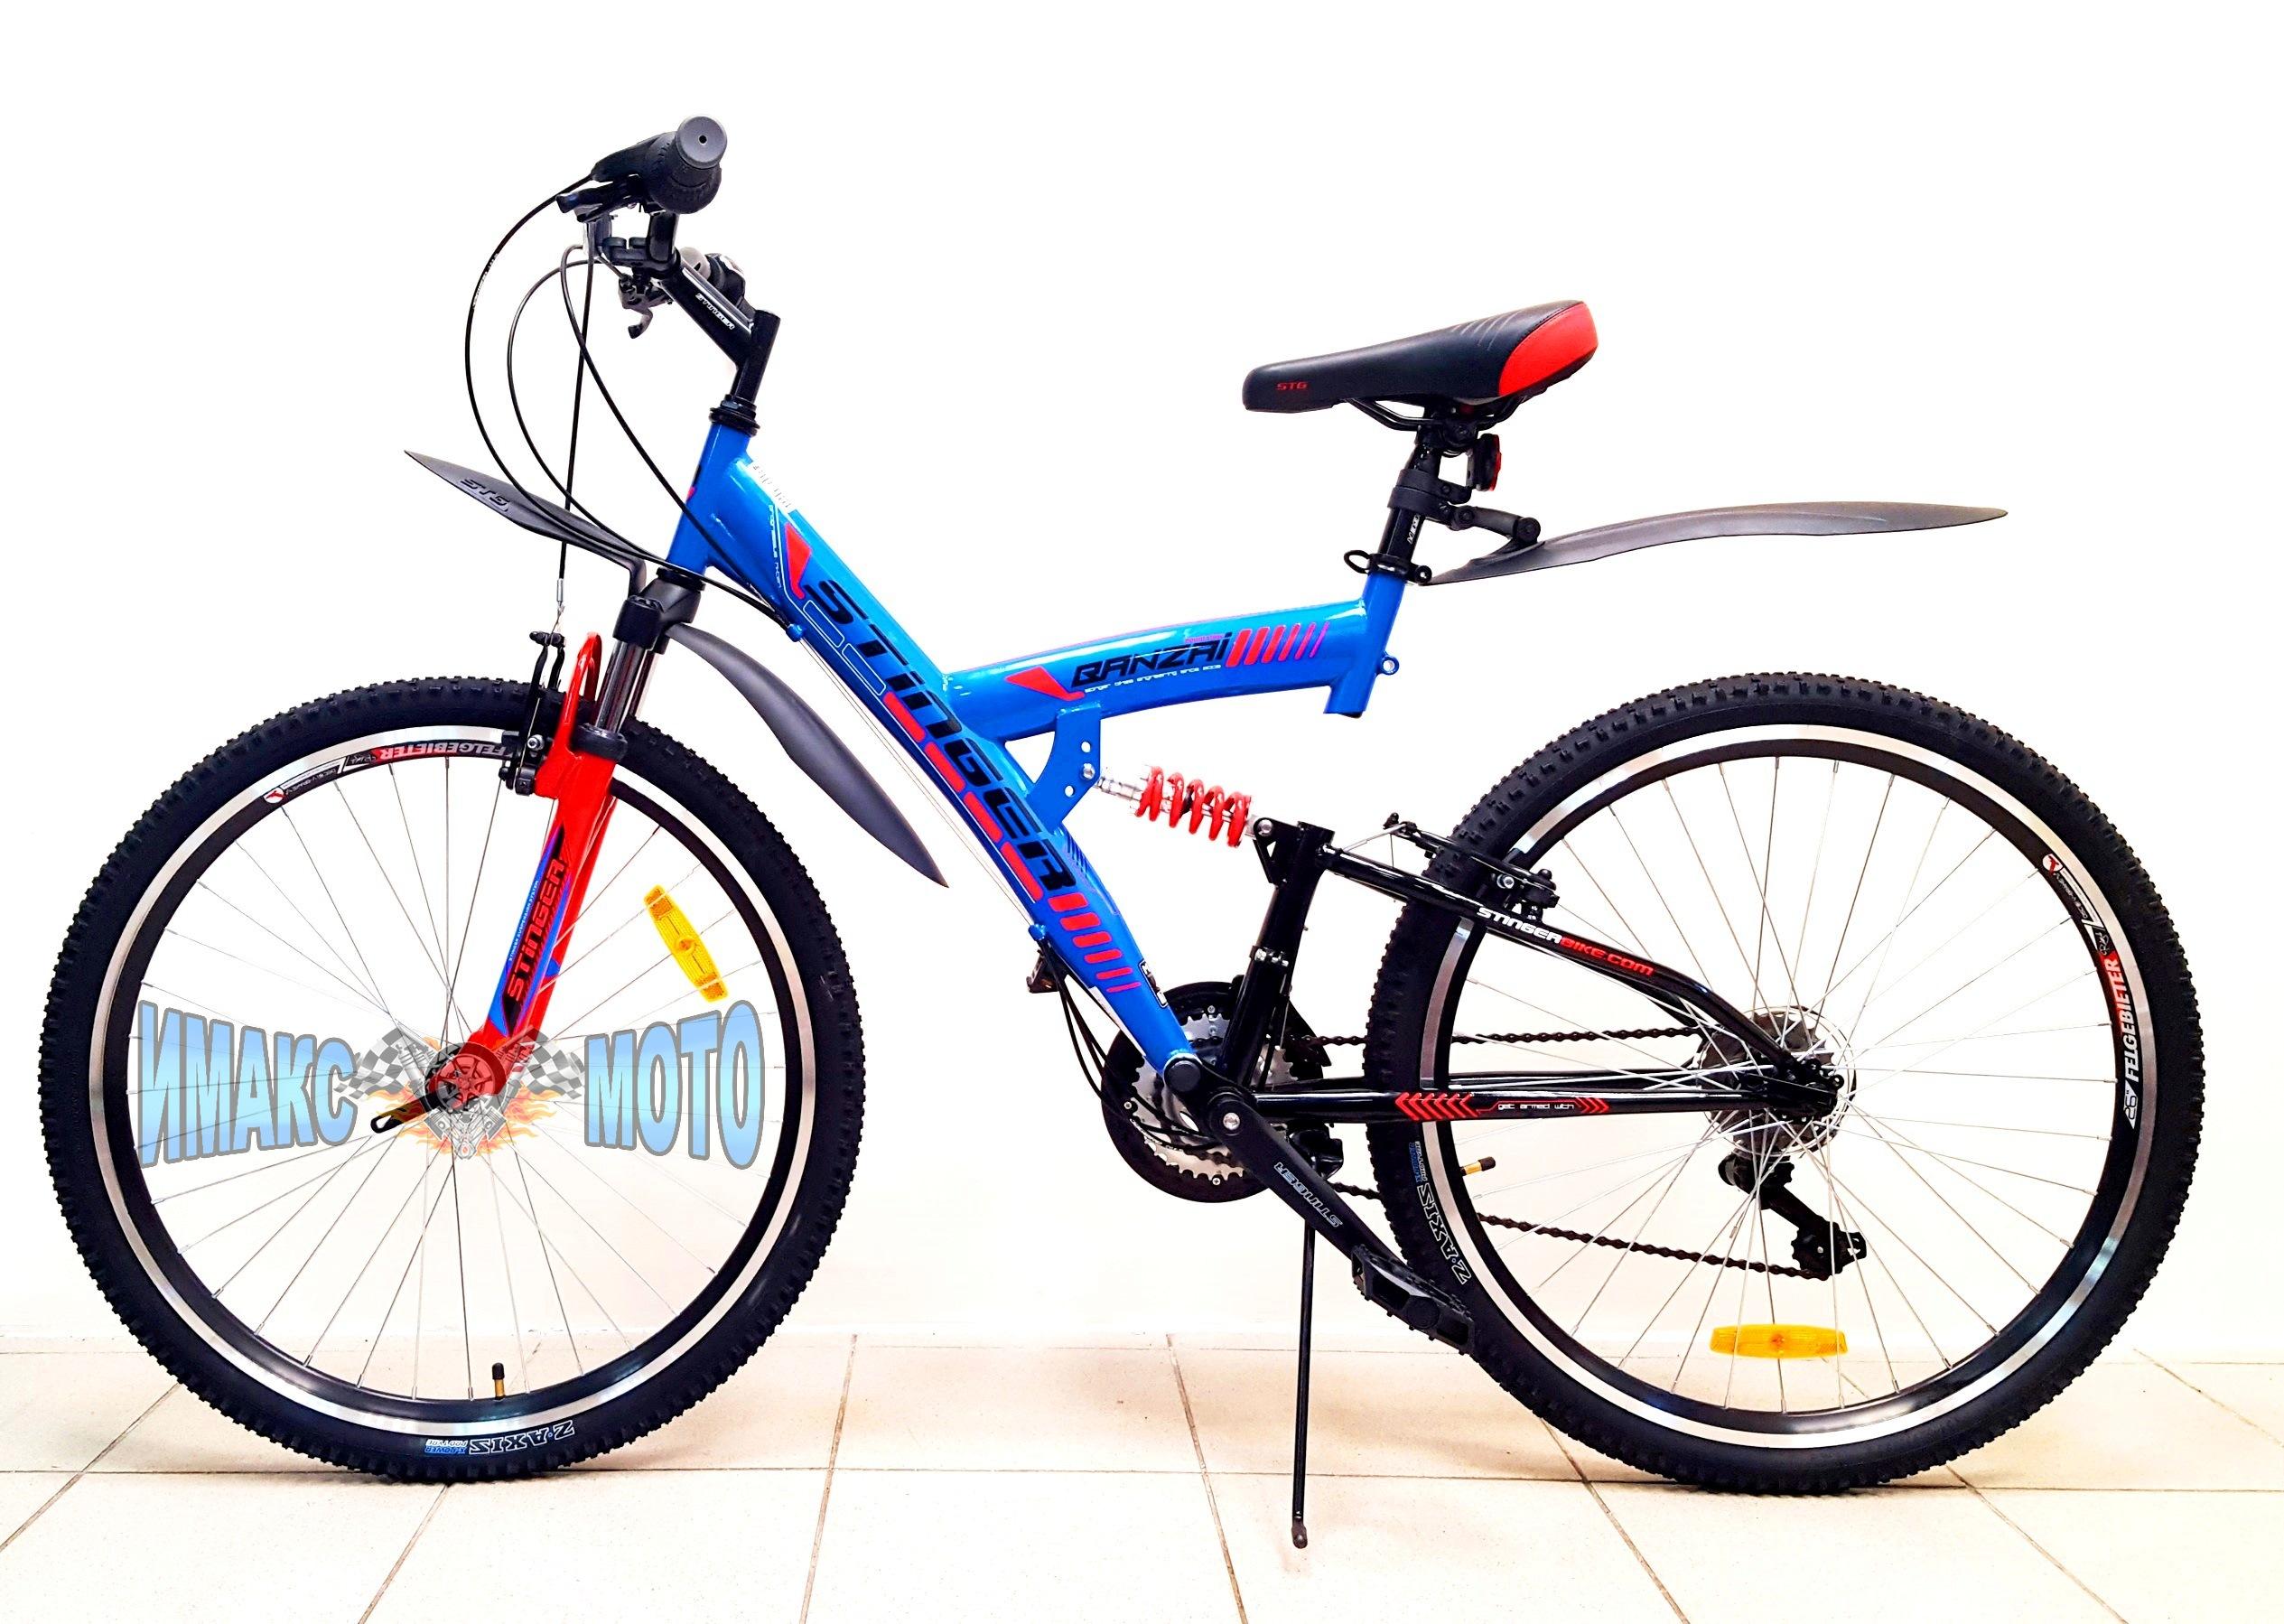 Стингер или стелс – золотая середина: какой фирмы велосипед лучше выбрать из числа отечественных моделей для мужчин